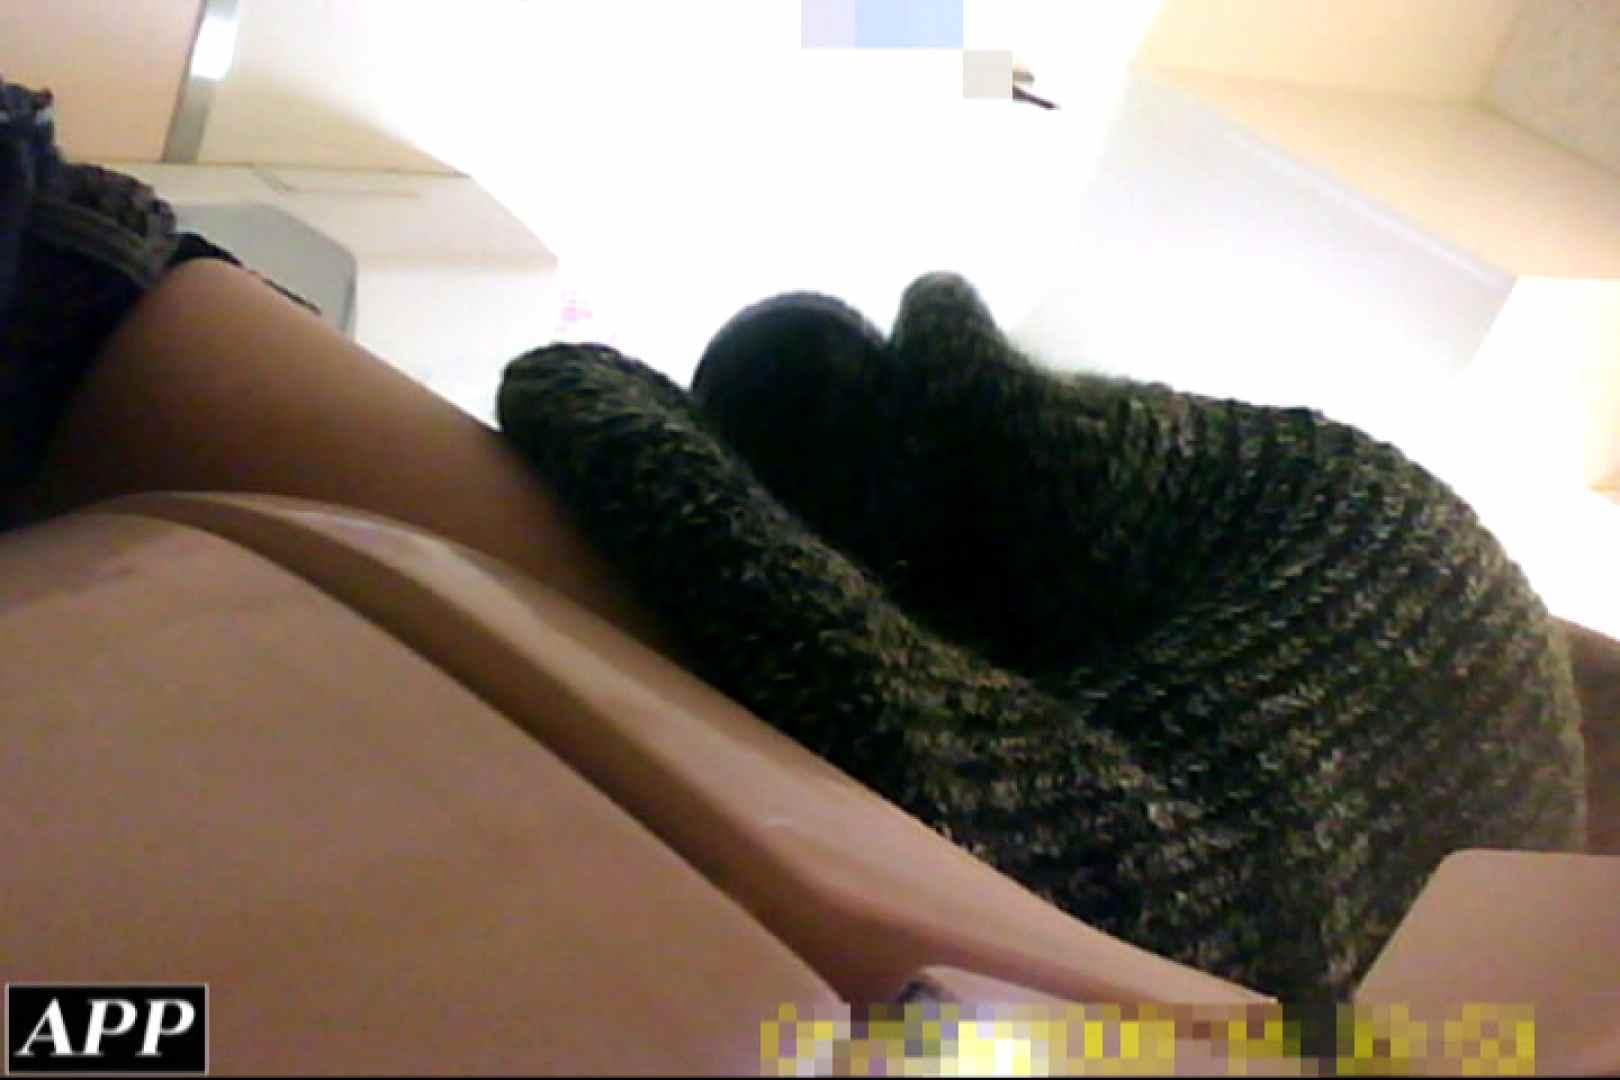 3視点洗面所 vol.144 女体盗撮 のぞき濡れ場動画紹介 57連発 32